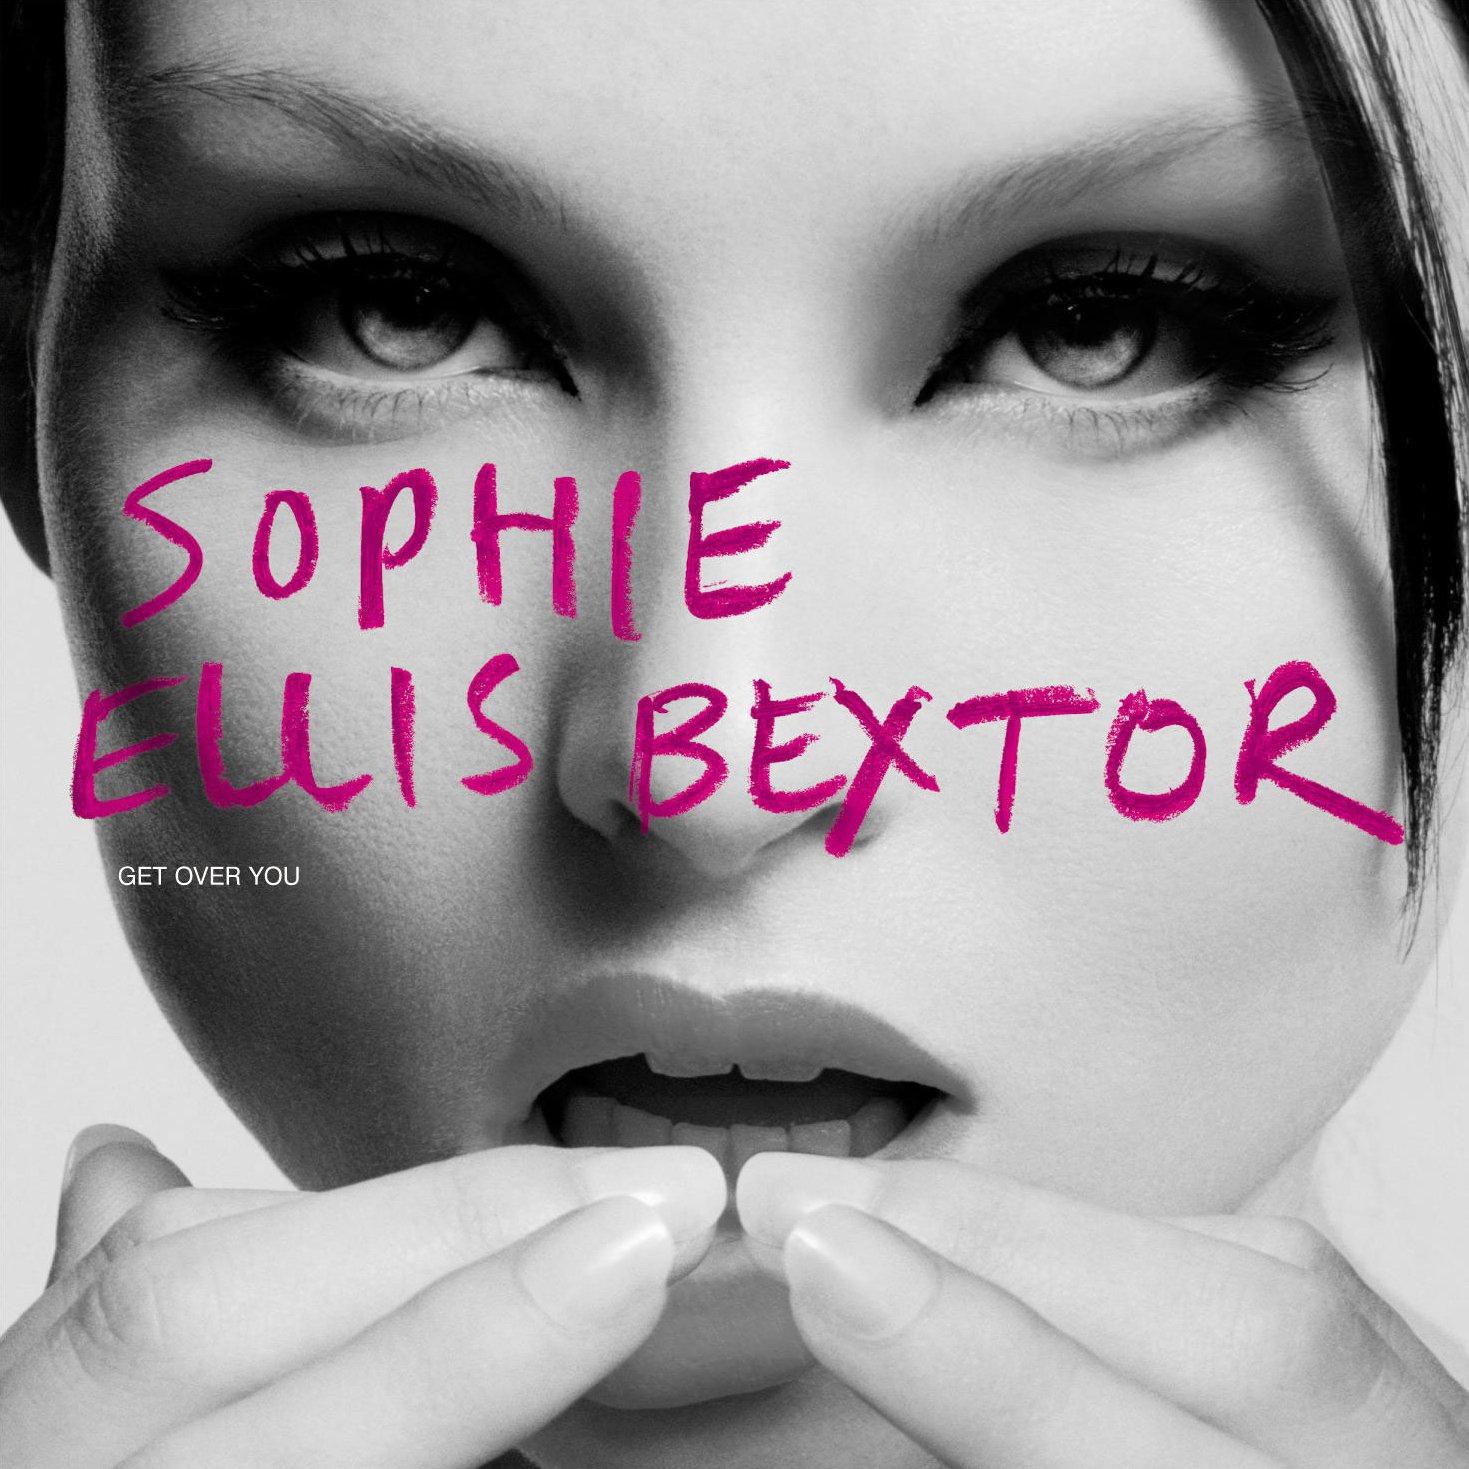 Sophie Ellis-Bextor album Get Over You